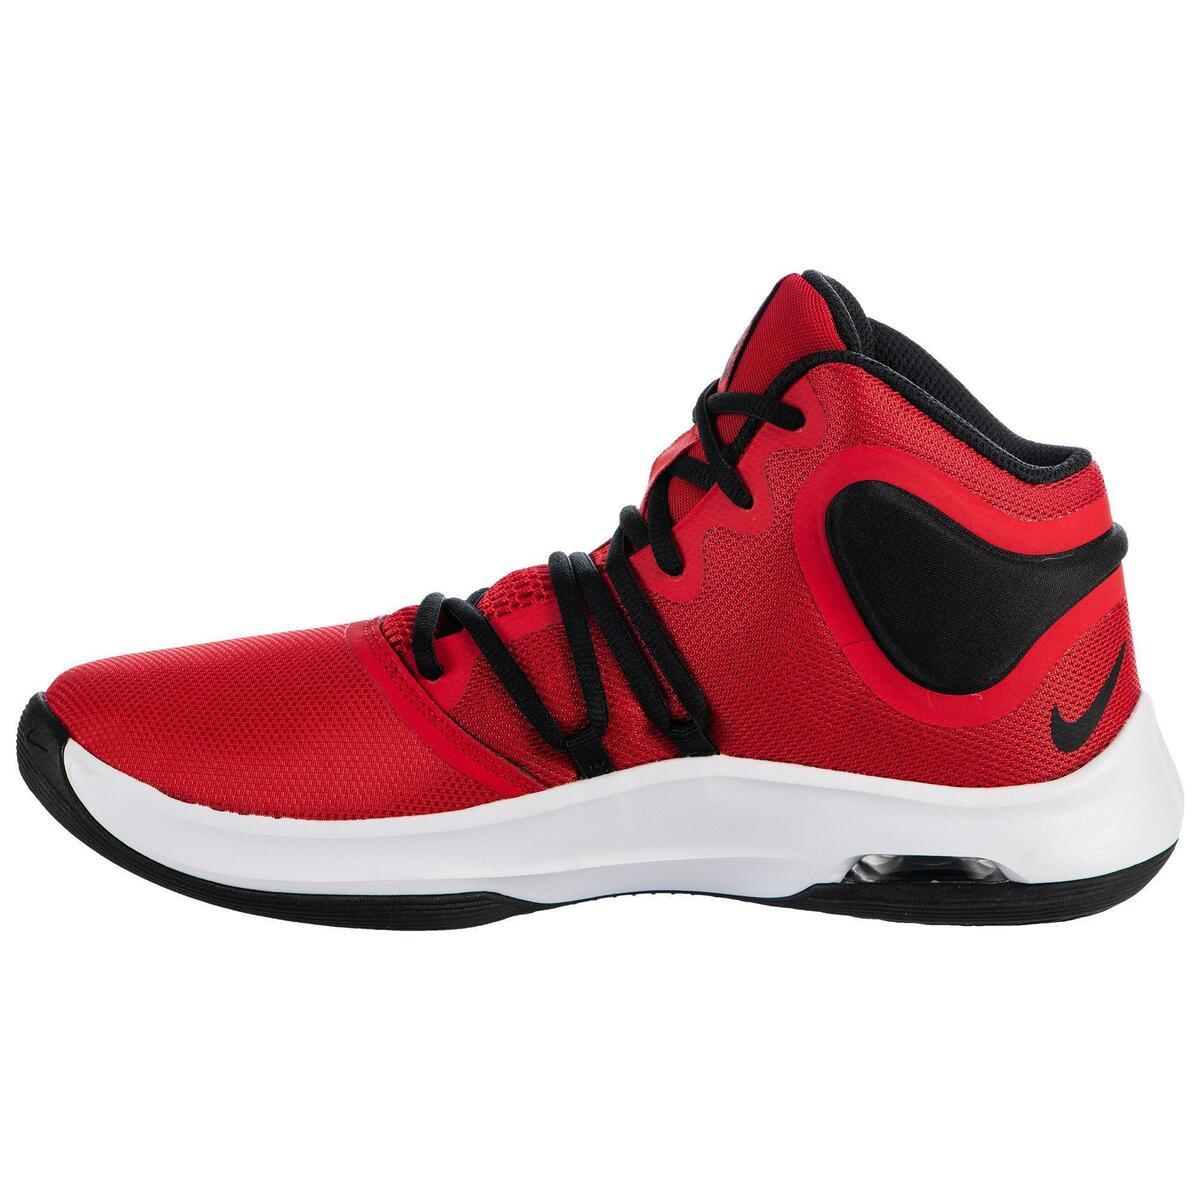 Bild 2 von Basketballschuhe Air Versitile 4 Erwachsene rot